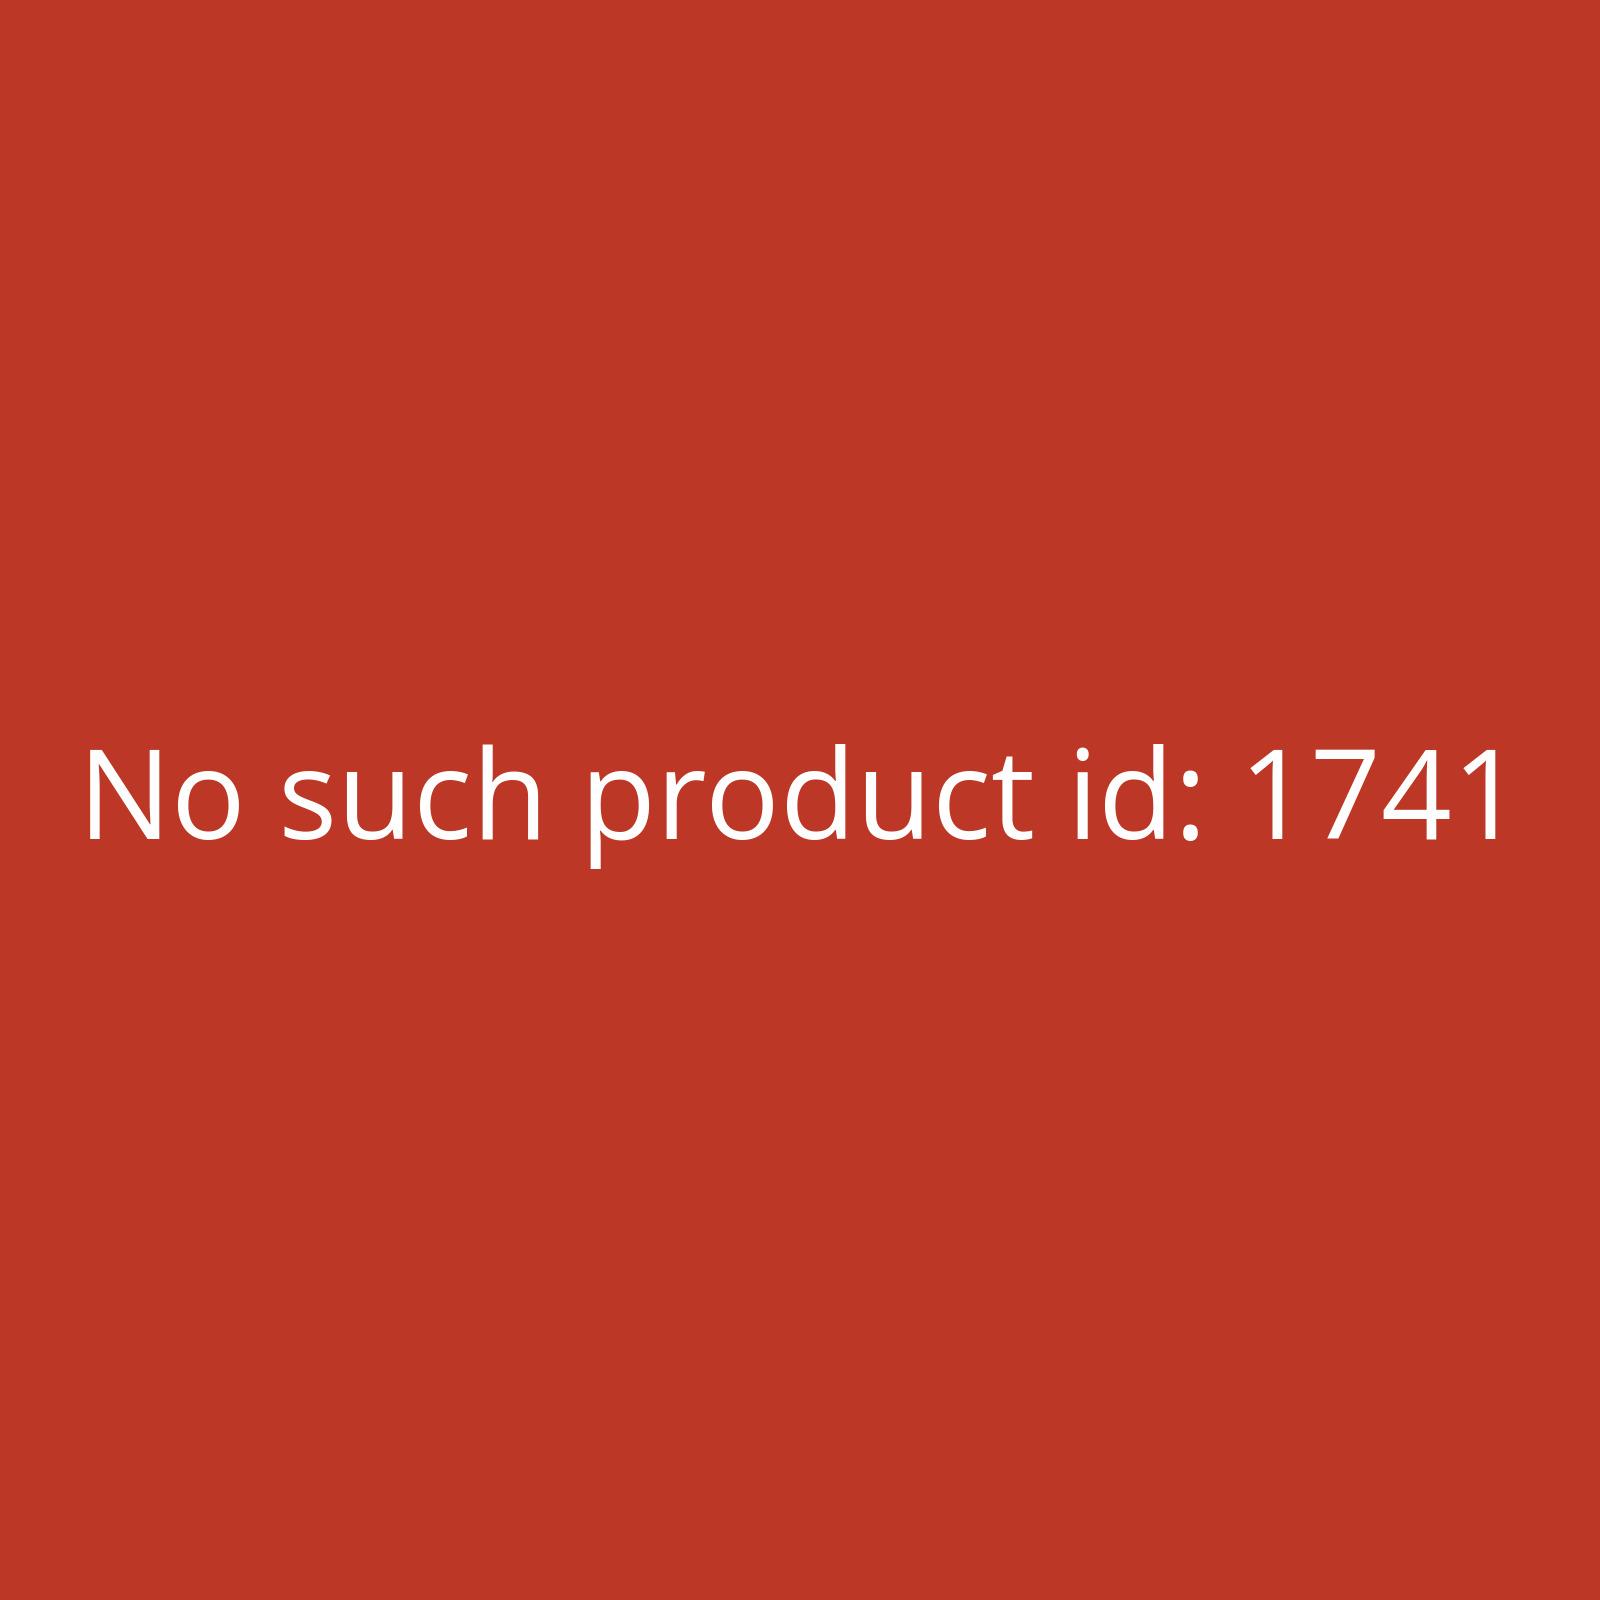 Schmaler Esstisch Massivholztisch Landhausstil 140 Cm 289 08 Esstische Gastronomie Und Restaurantgrosshandel Furniture Mobel Schmaler Esstisch 140cm